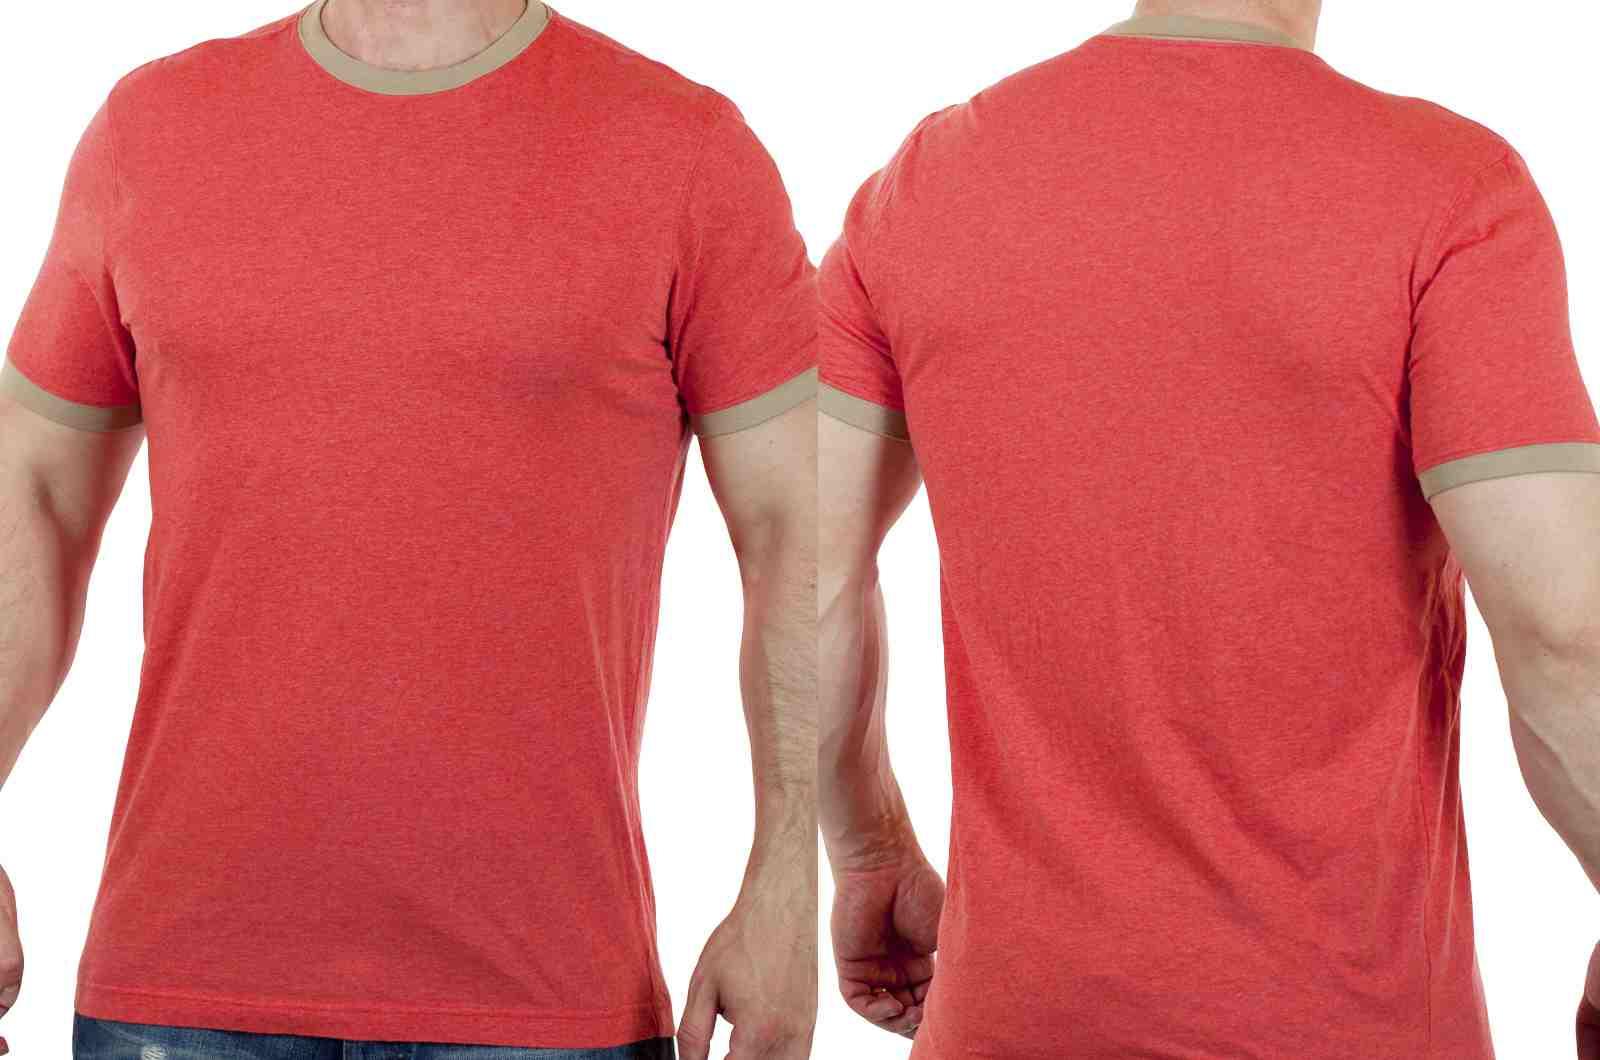 Яркая футболка для солнечного дня от Express (США)